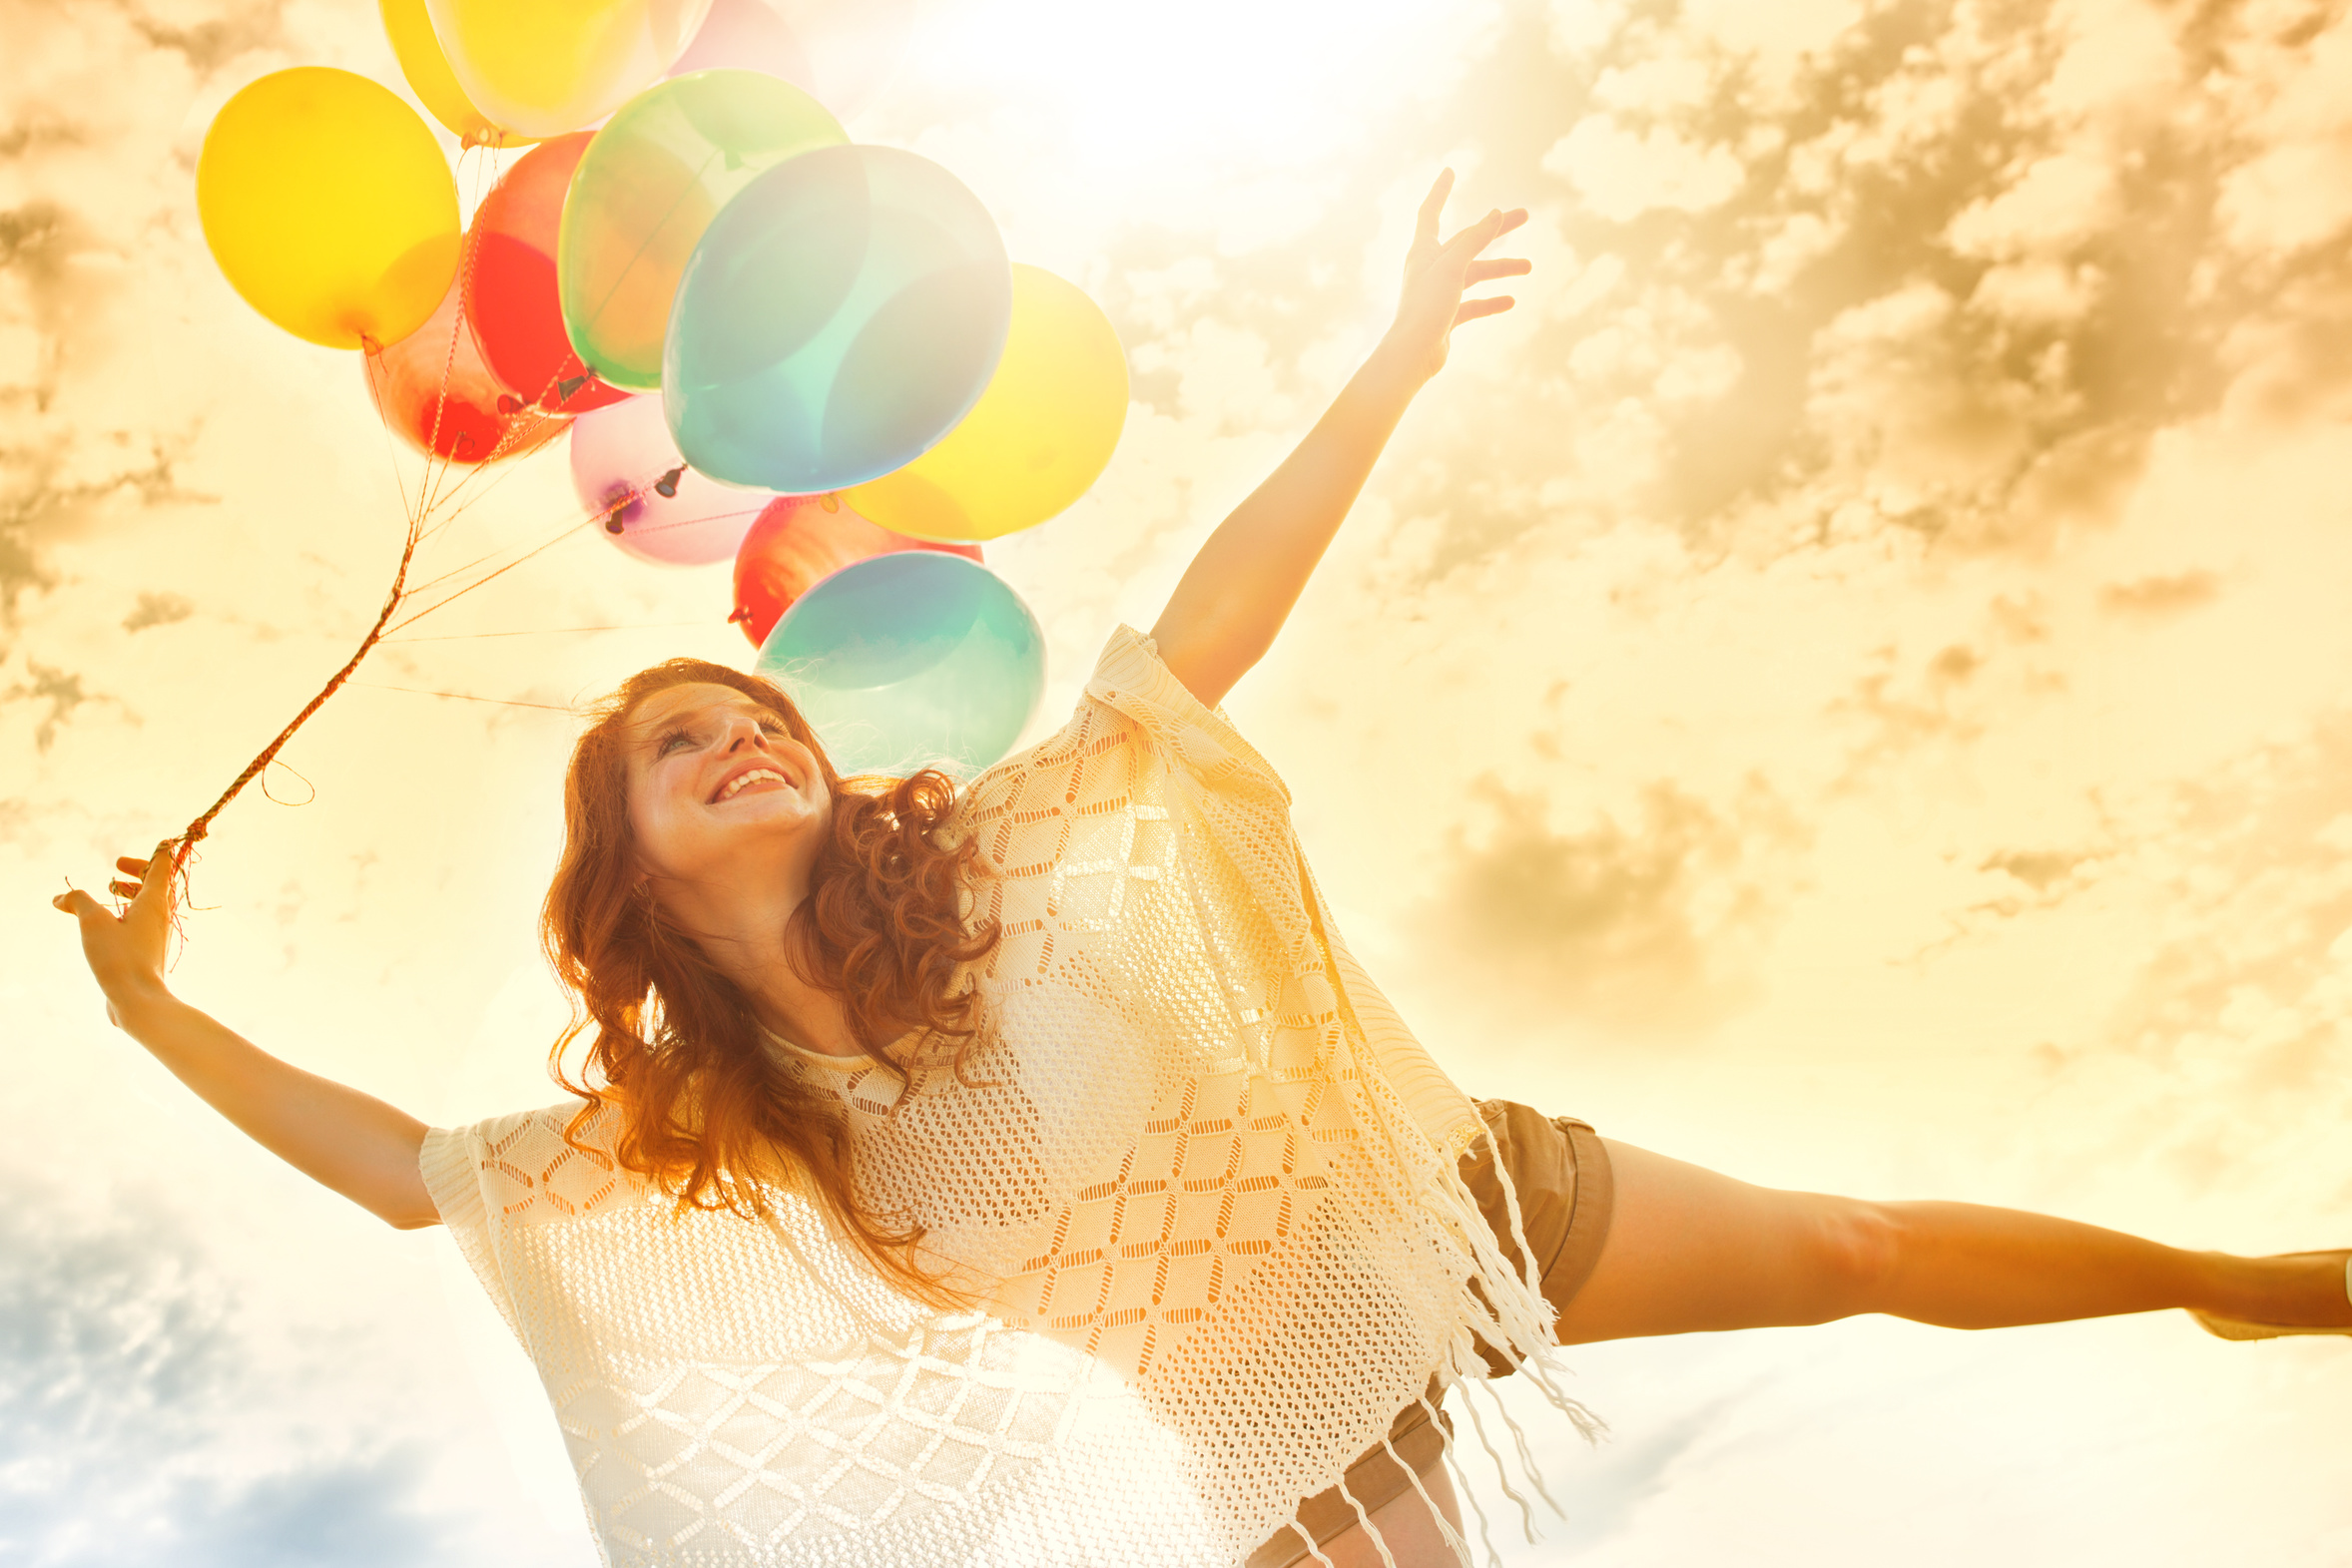 Frau mit Luftballons im Sonnenlicht